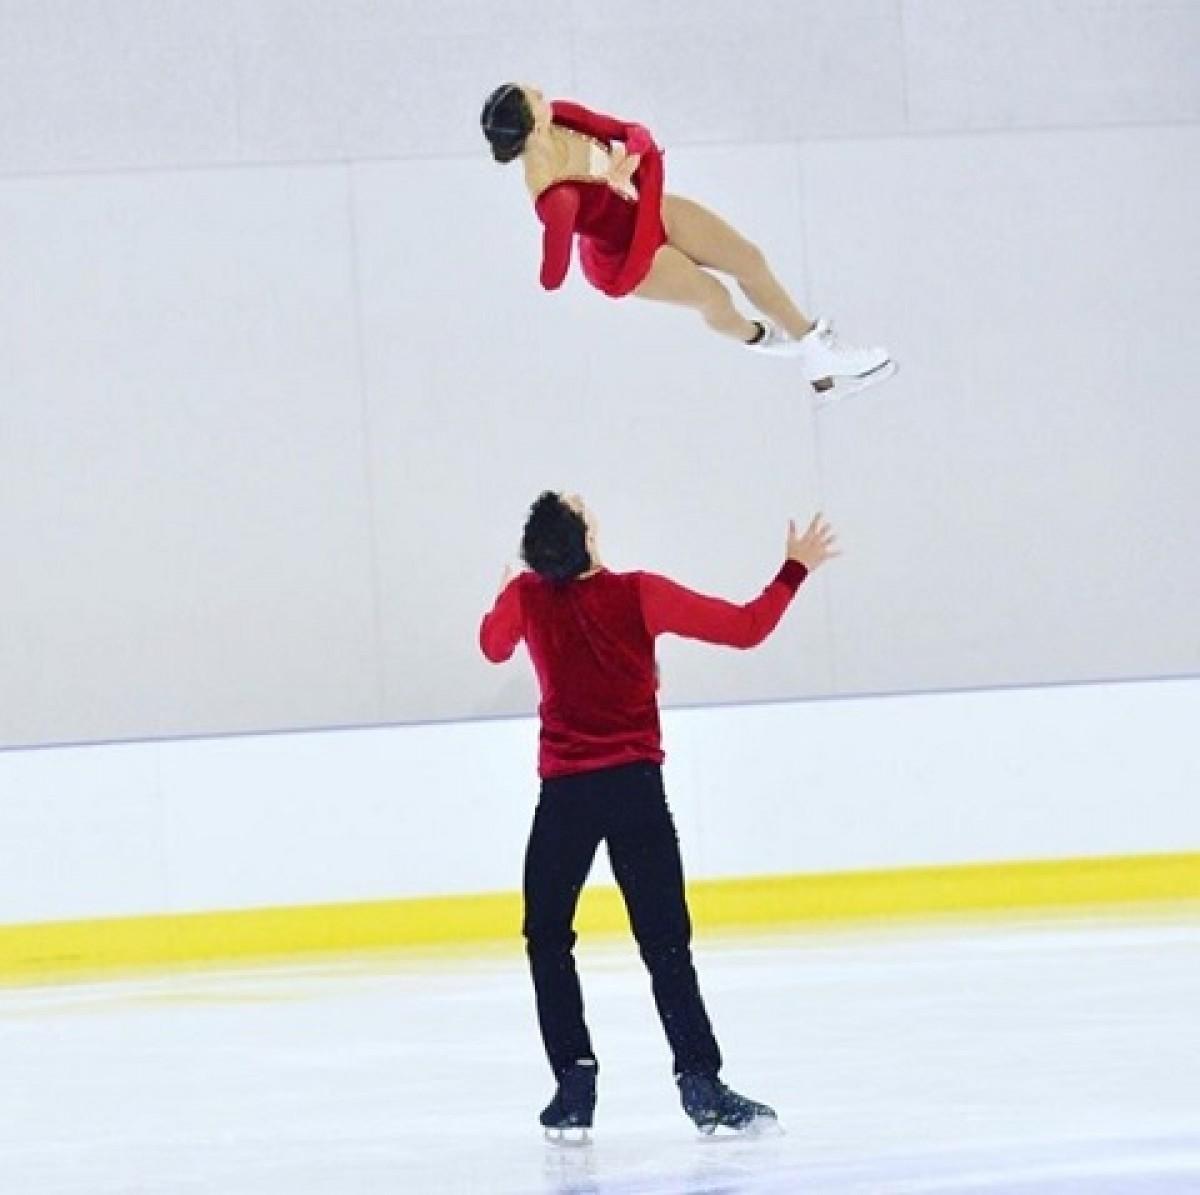 """ESCLUSIVA. Laura Barquero e Aritz Maestu: """"Ci alleniamo con i pattinatori olimpici e andiamo ai mondiali. Un sogno che si realizza"""""""